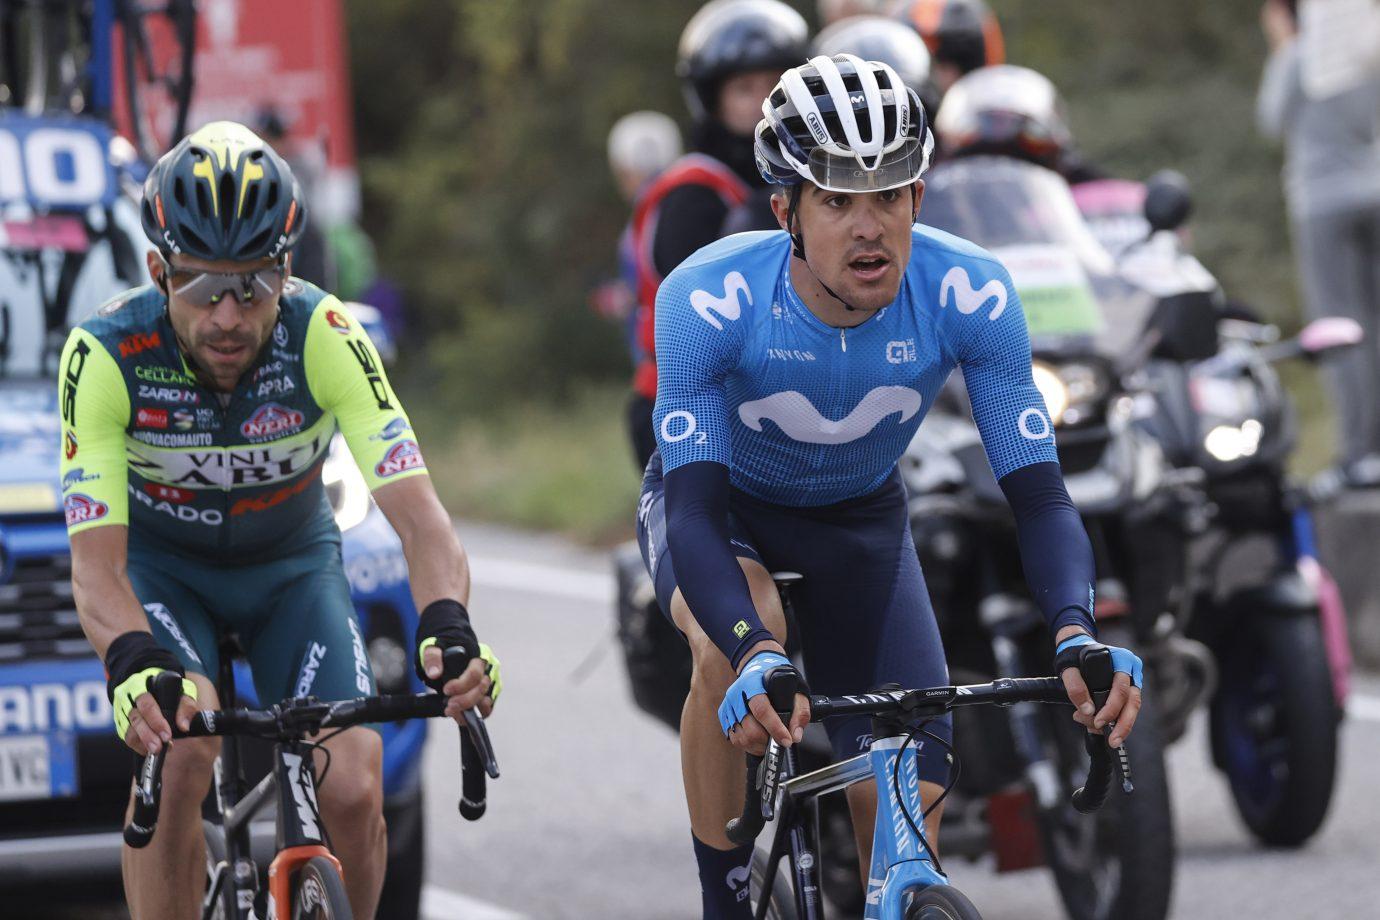 Imagen de la noticia 'Samitier, Villella again into tough battle towards Piancavallo'